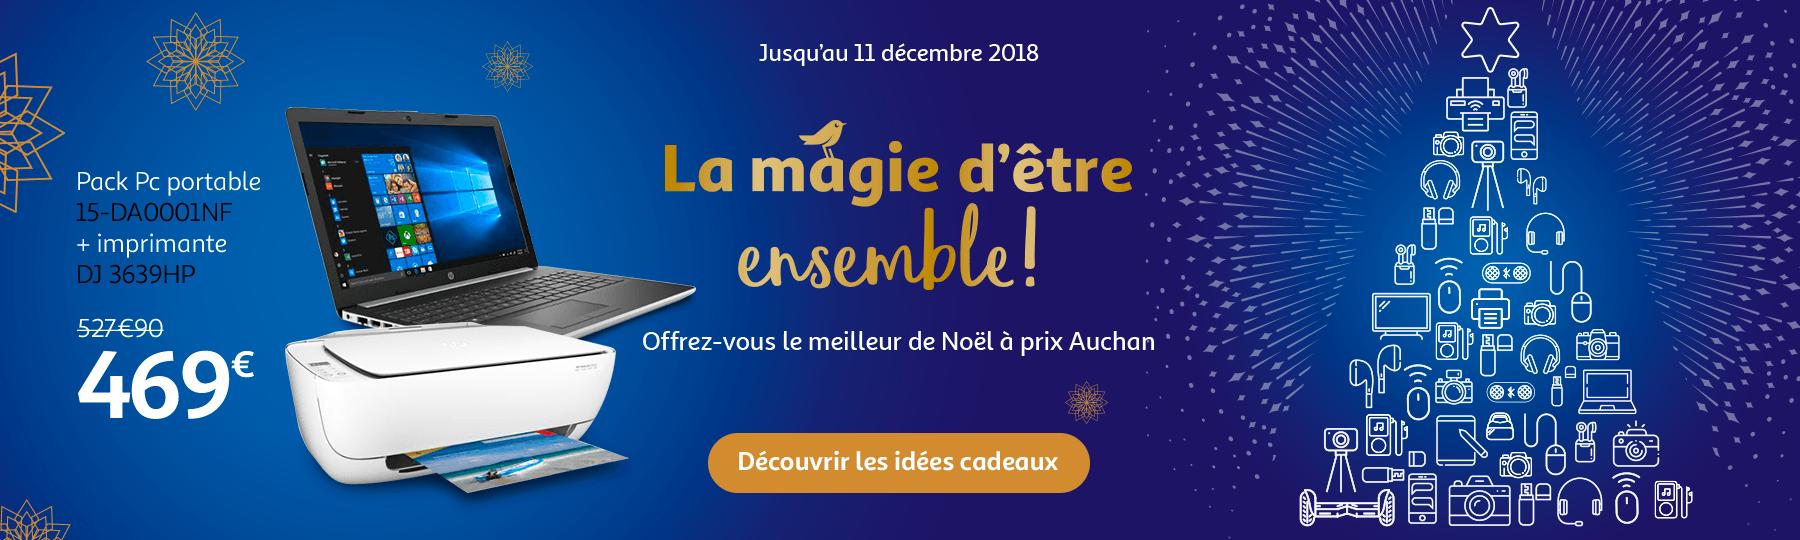 Jusqu'au 11 décembre 2018, offrez vouys le meilleur de Noël à prix Auchan